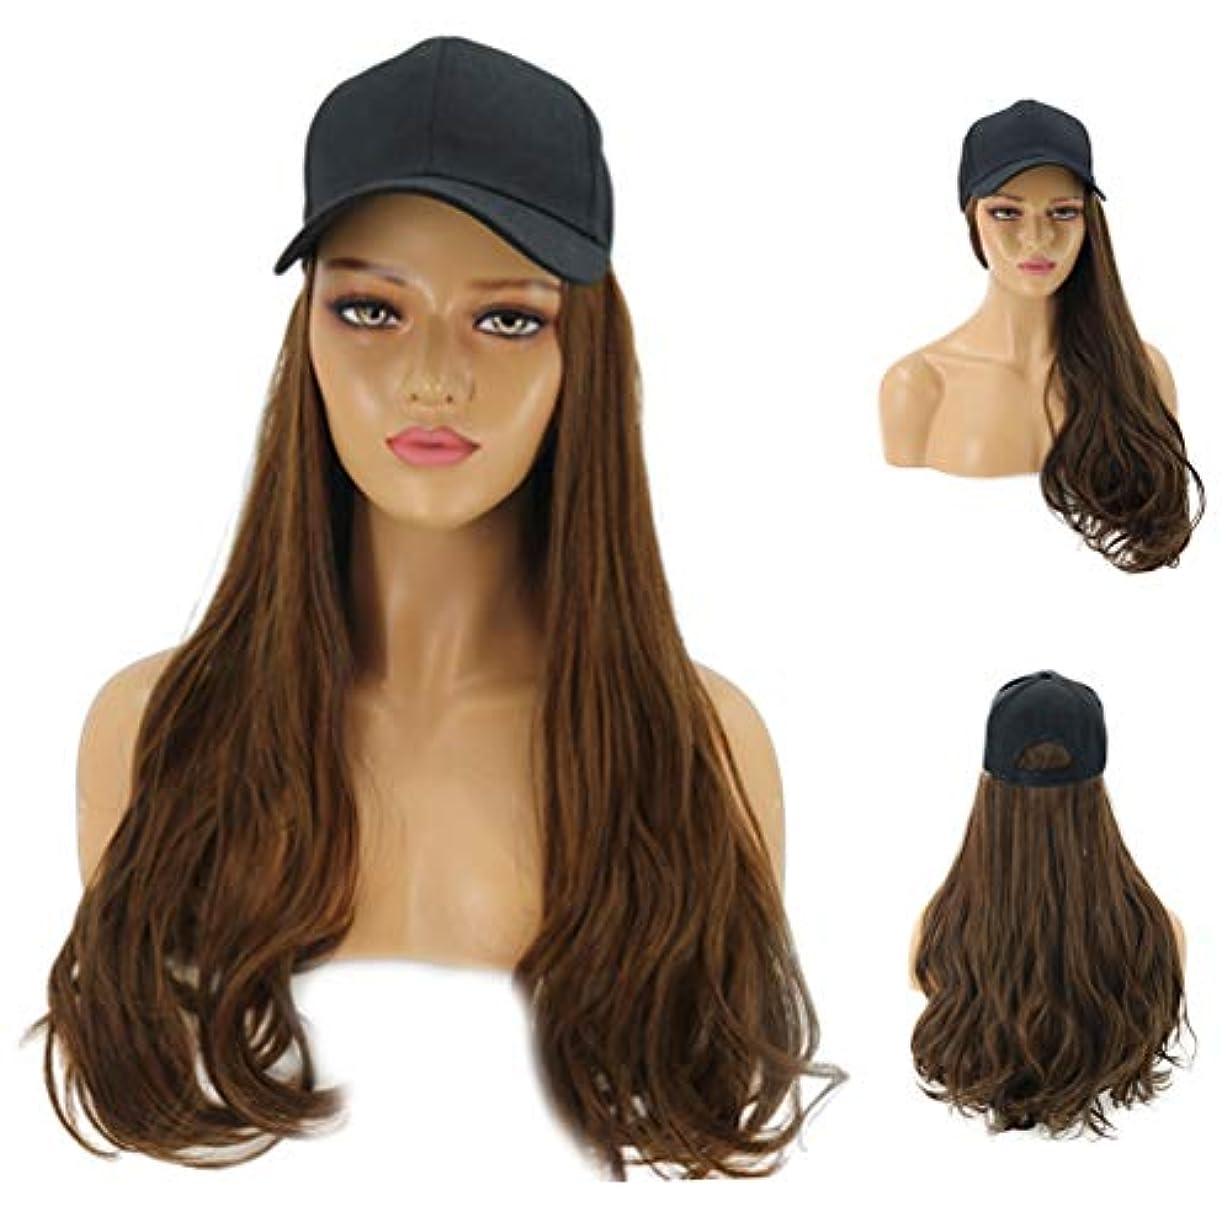 自伝意識邪魔する女性のファッショナブルな野球帽、長いウェーブのかかった髪の拡張機能、毎日のパーティー用の黒い帽子が付いた自然な人工毛